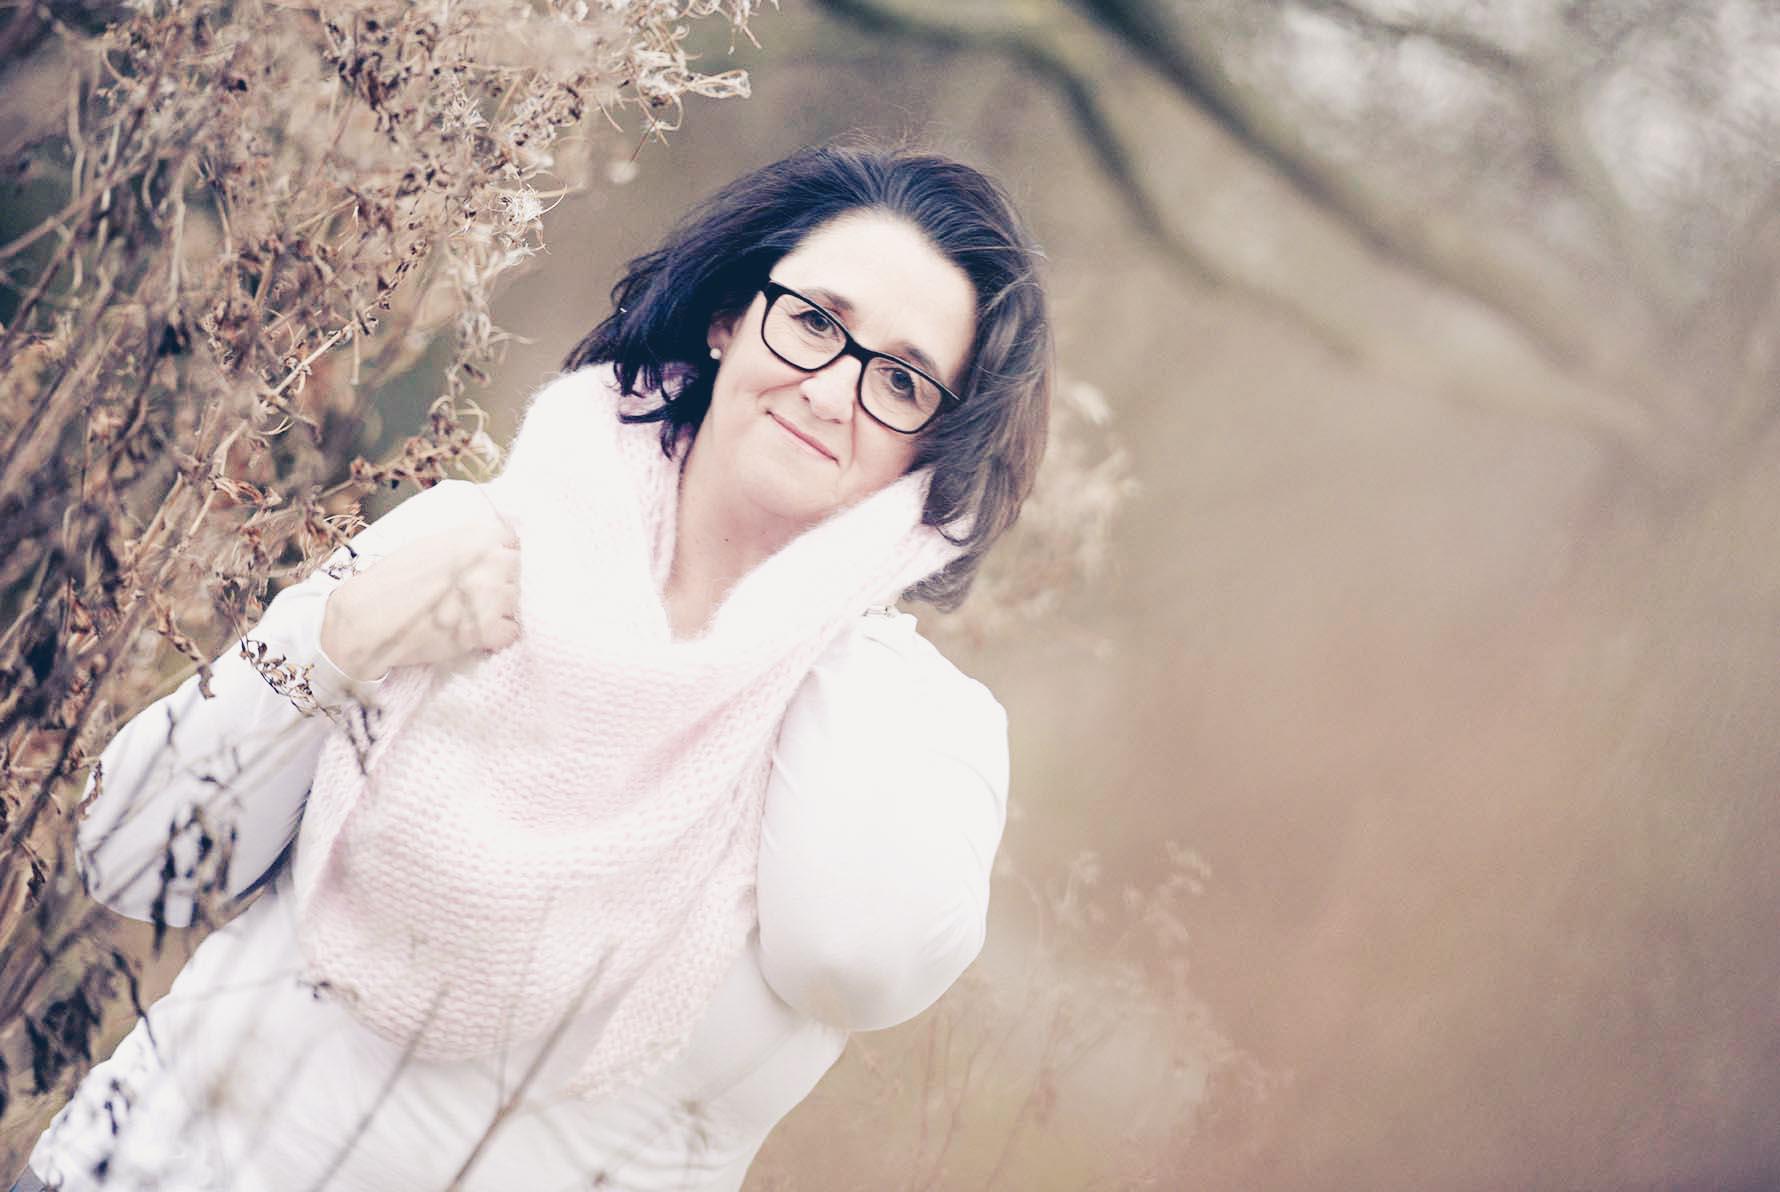 outdoorfotografie_siegen_020